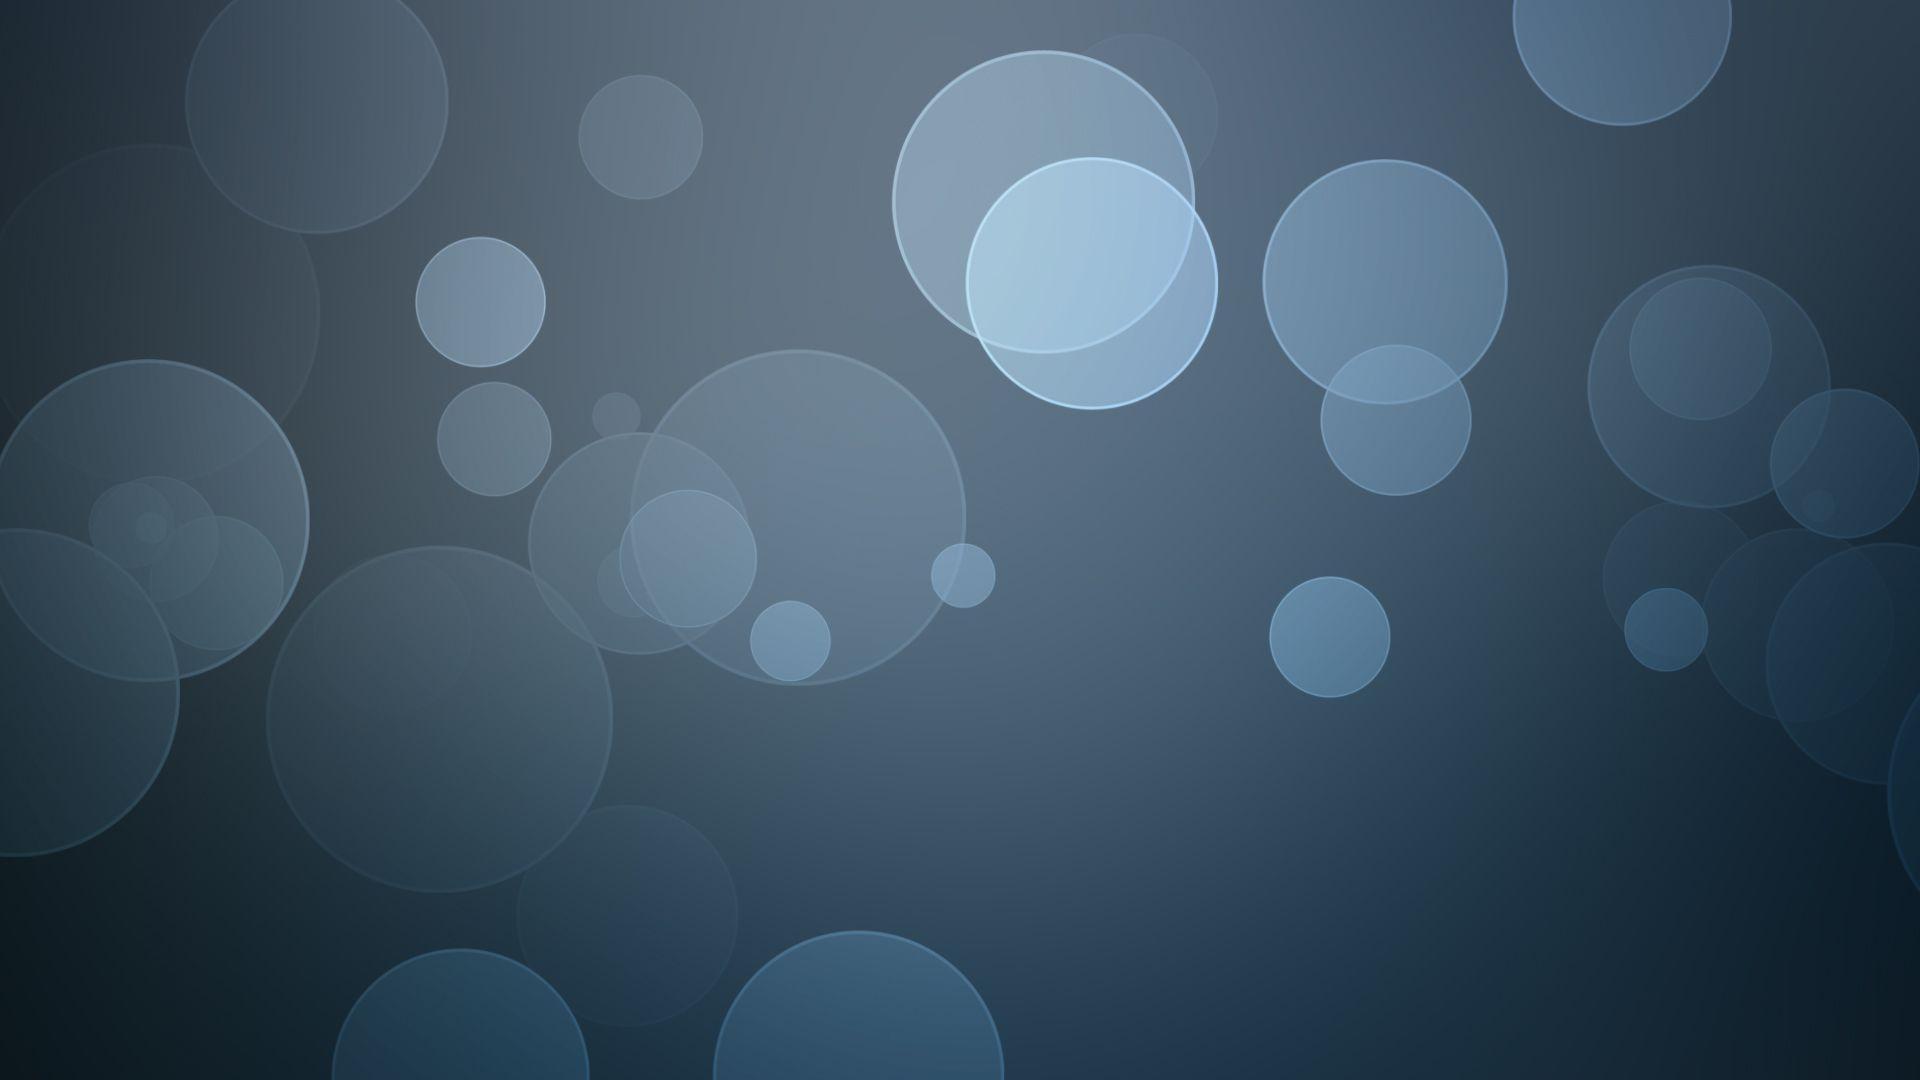 abstract circles wallpapers